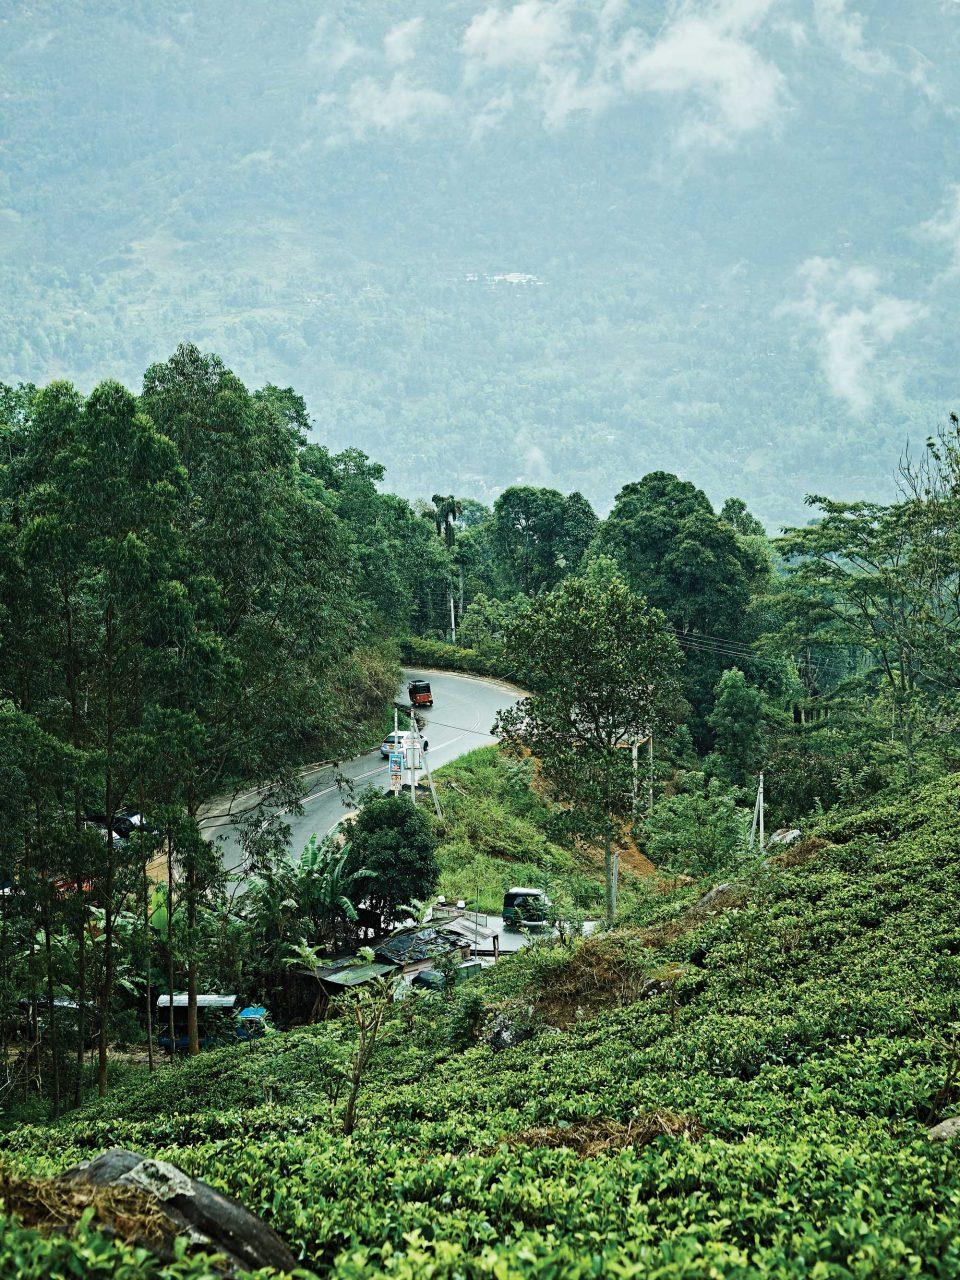 고원지대인 누와라엘리야는 가는 곳마다 차밭이 펼쳐져 있다. © 김재욱